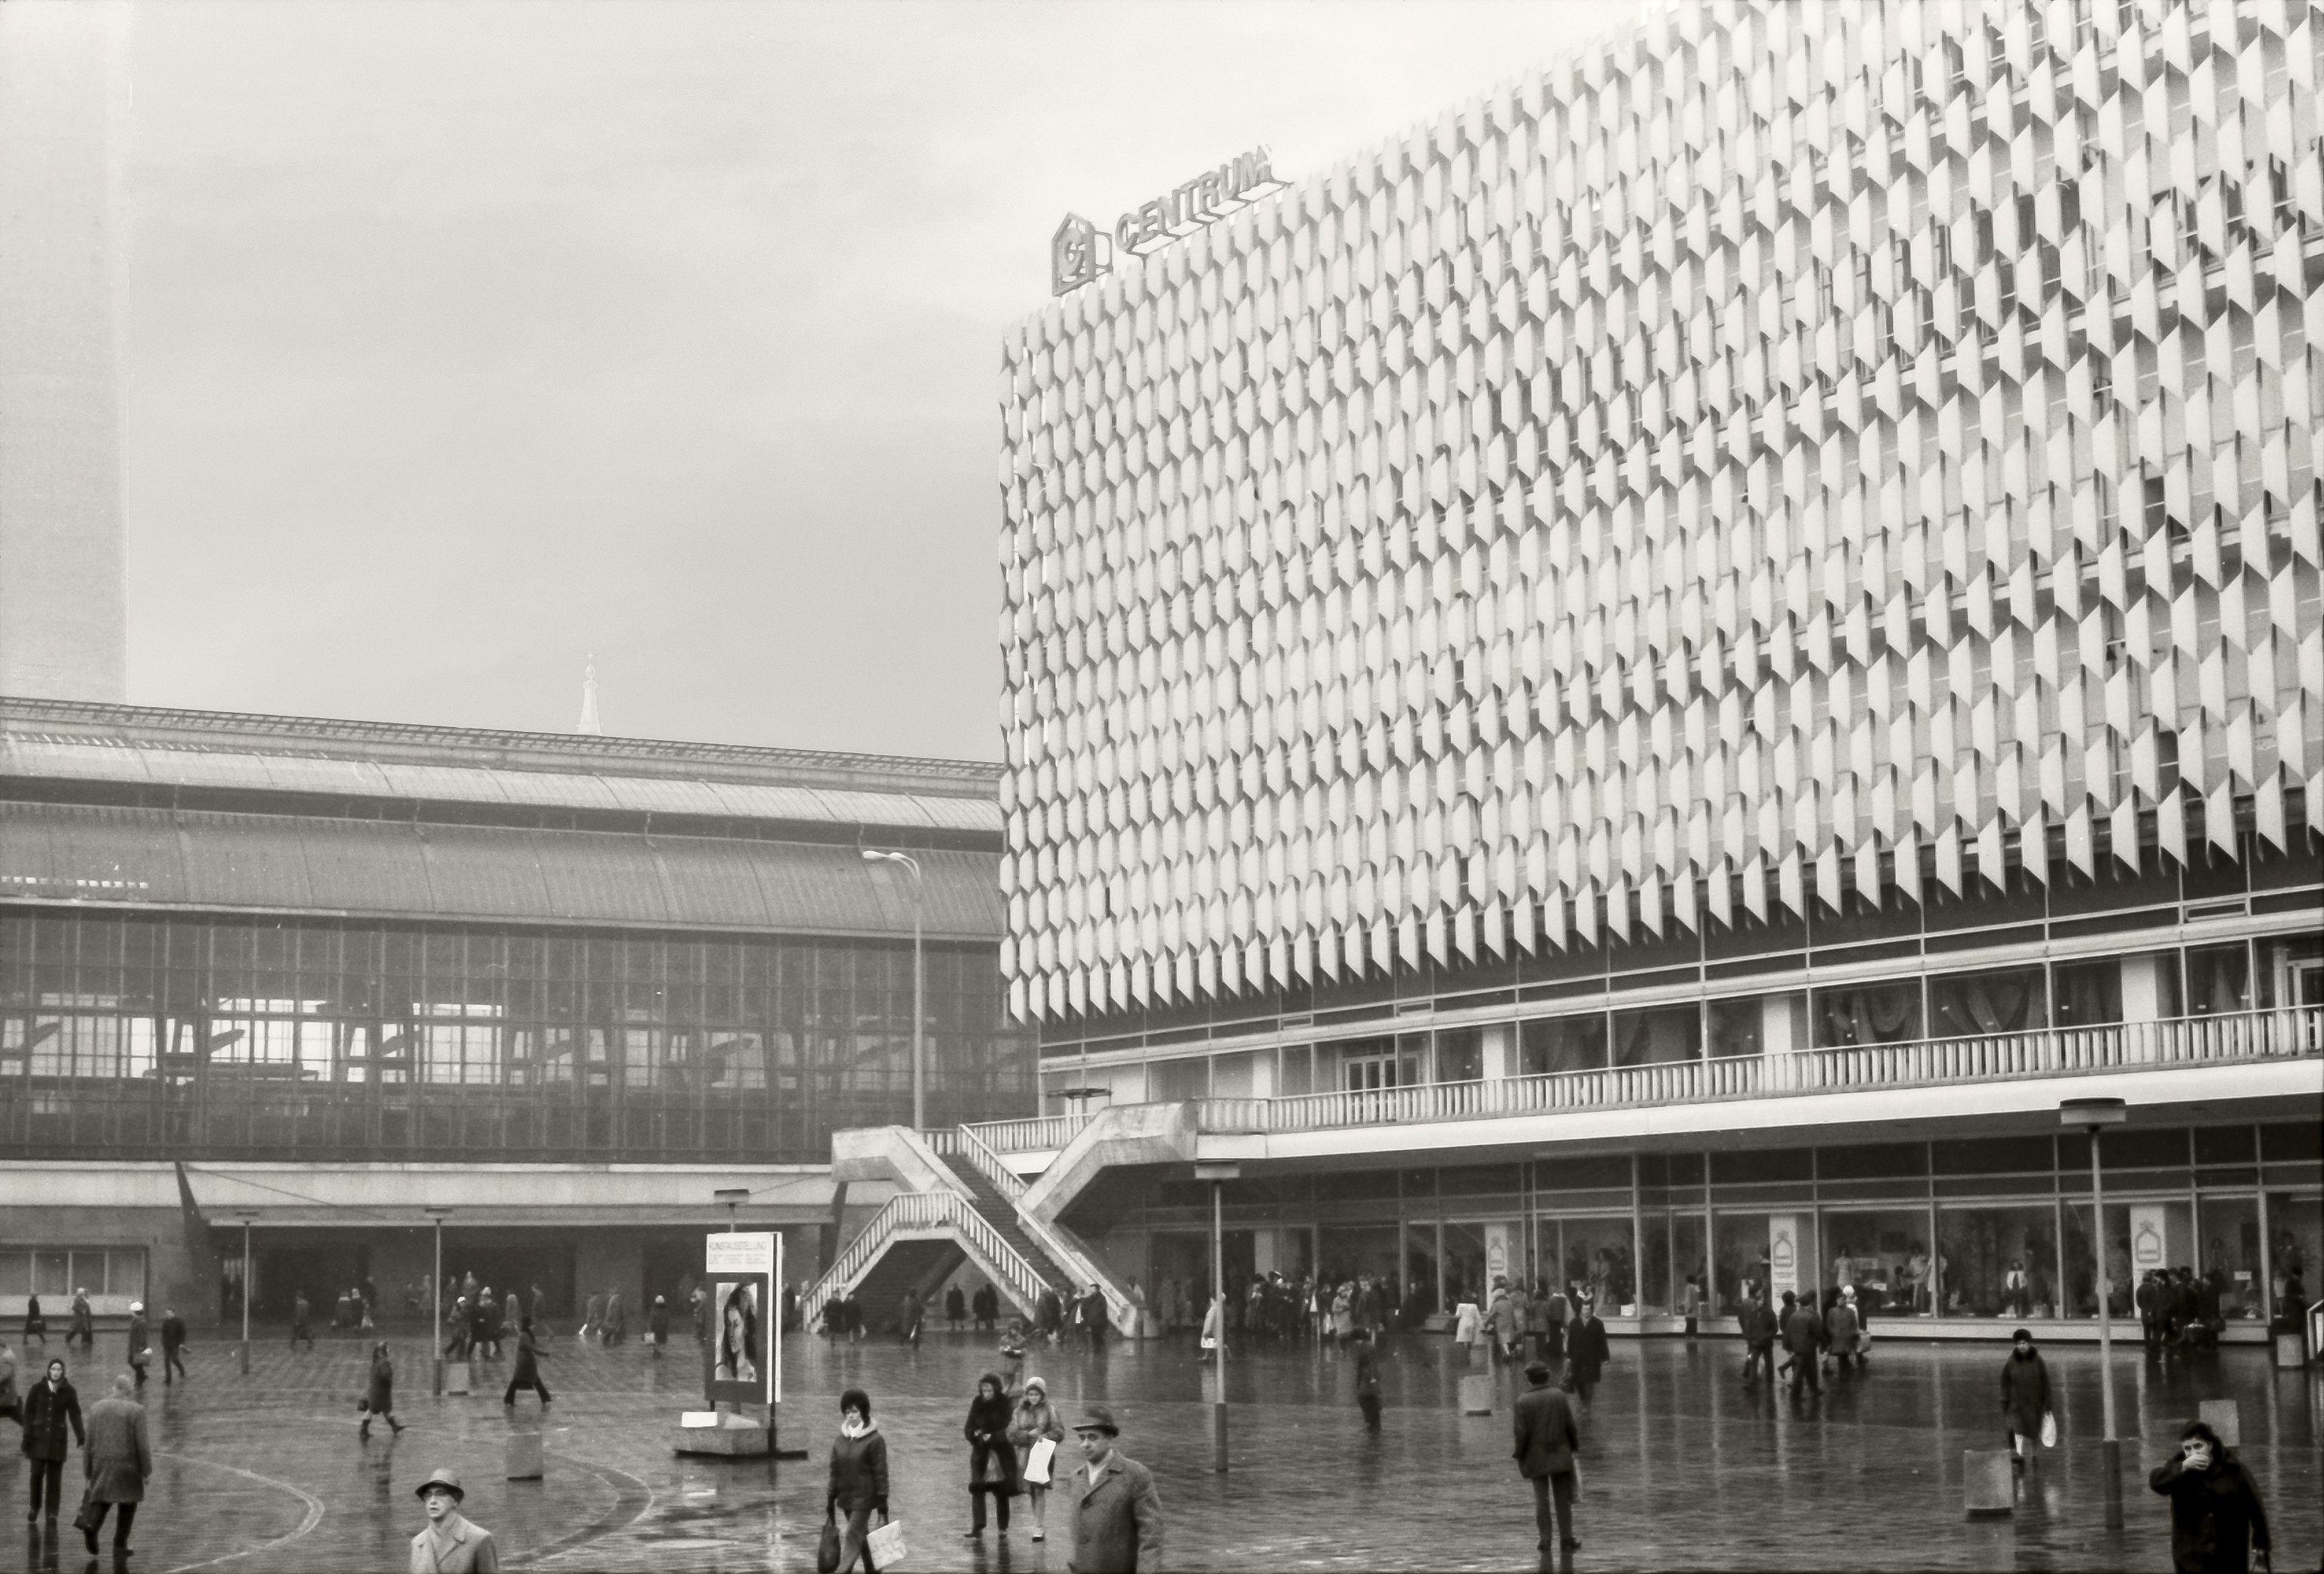 1972 Berlin Alexanderplatz Bei Nebligem Wetter Landmarks Louvre Berlin